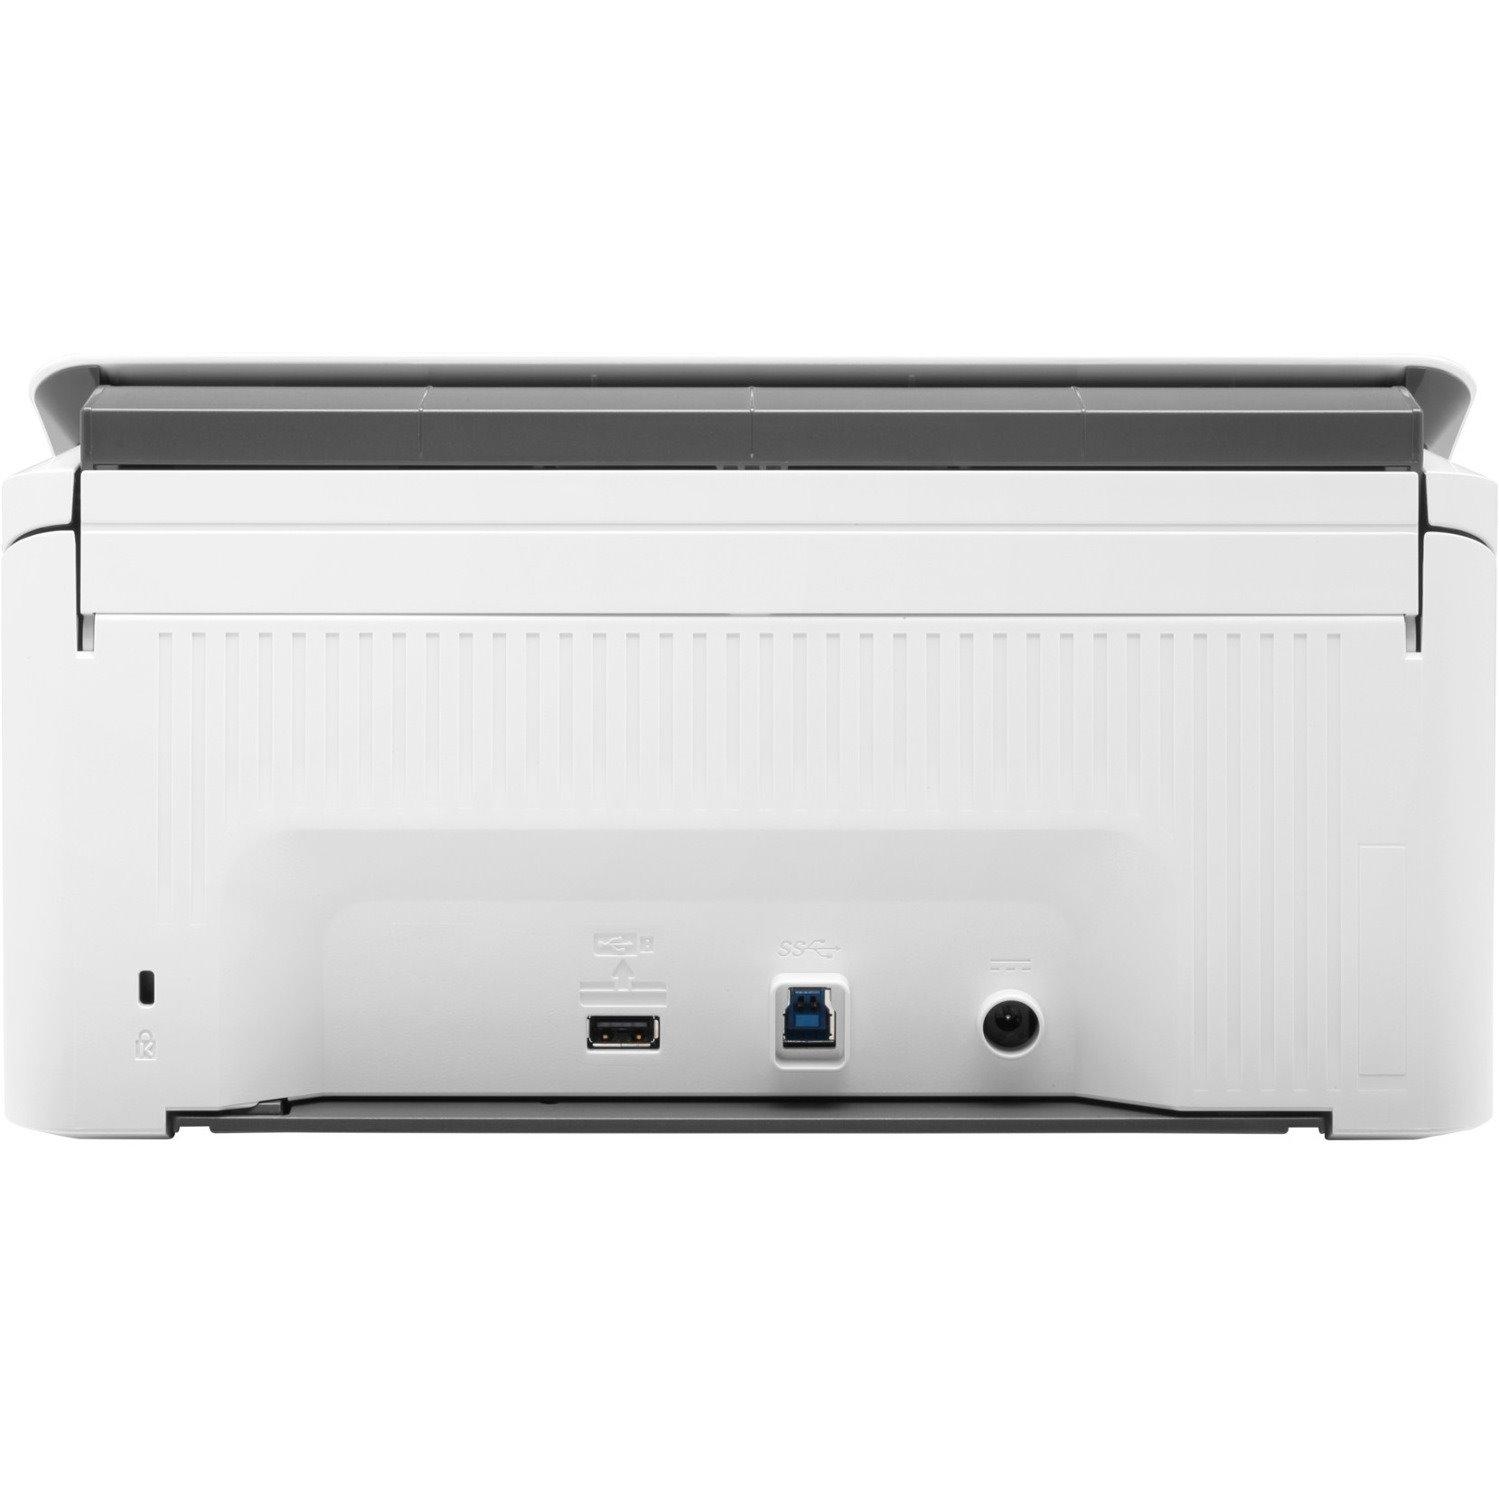 HP ScanJet Pro 3000 S4 Sheetfed Scanner - 600 dpi Optical